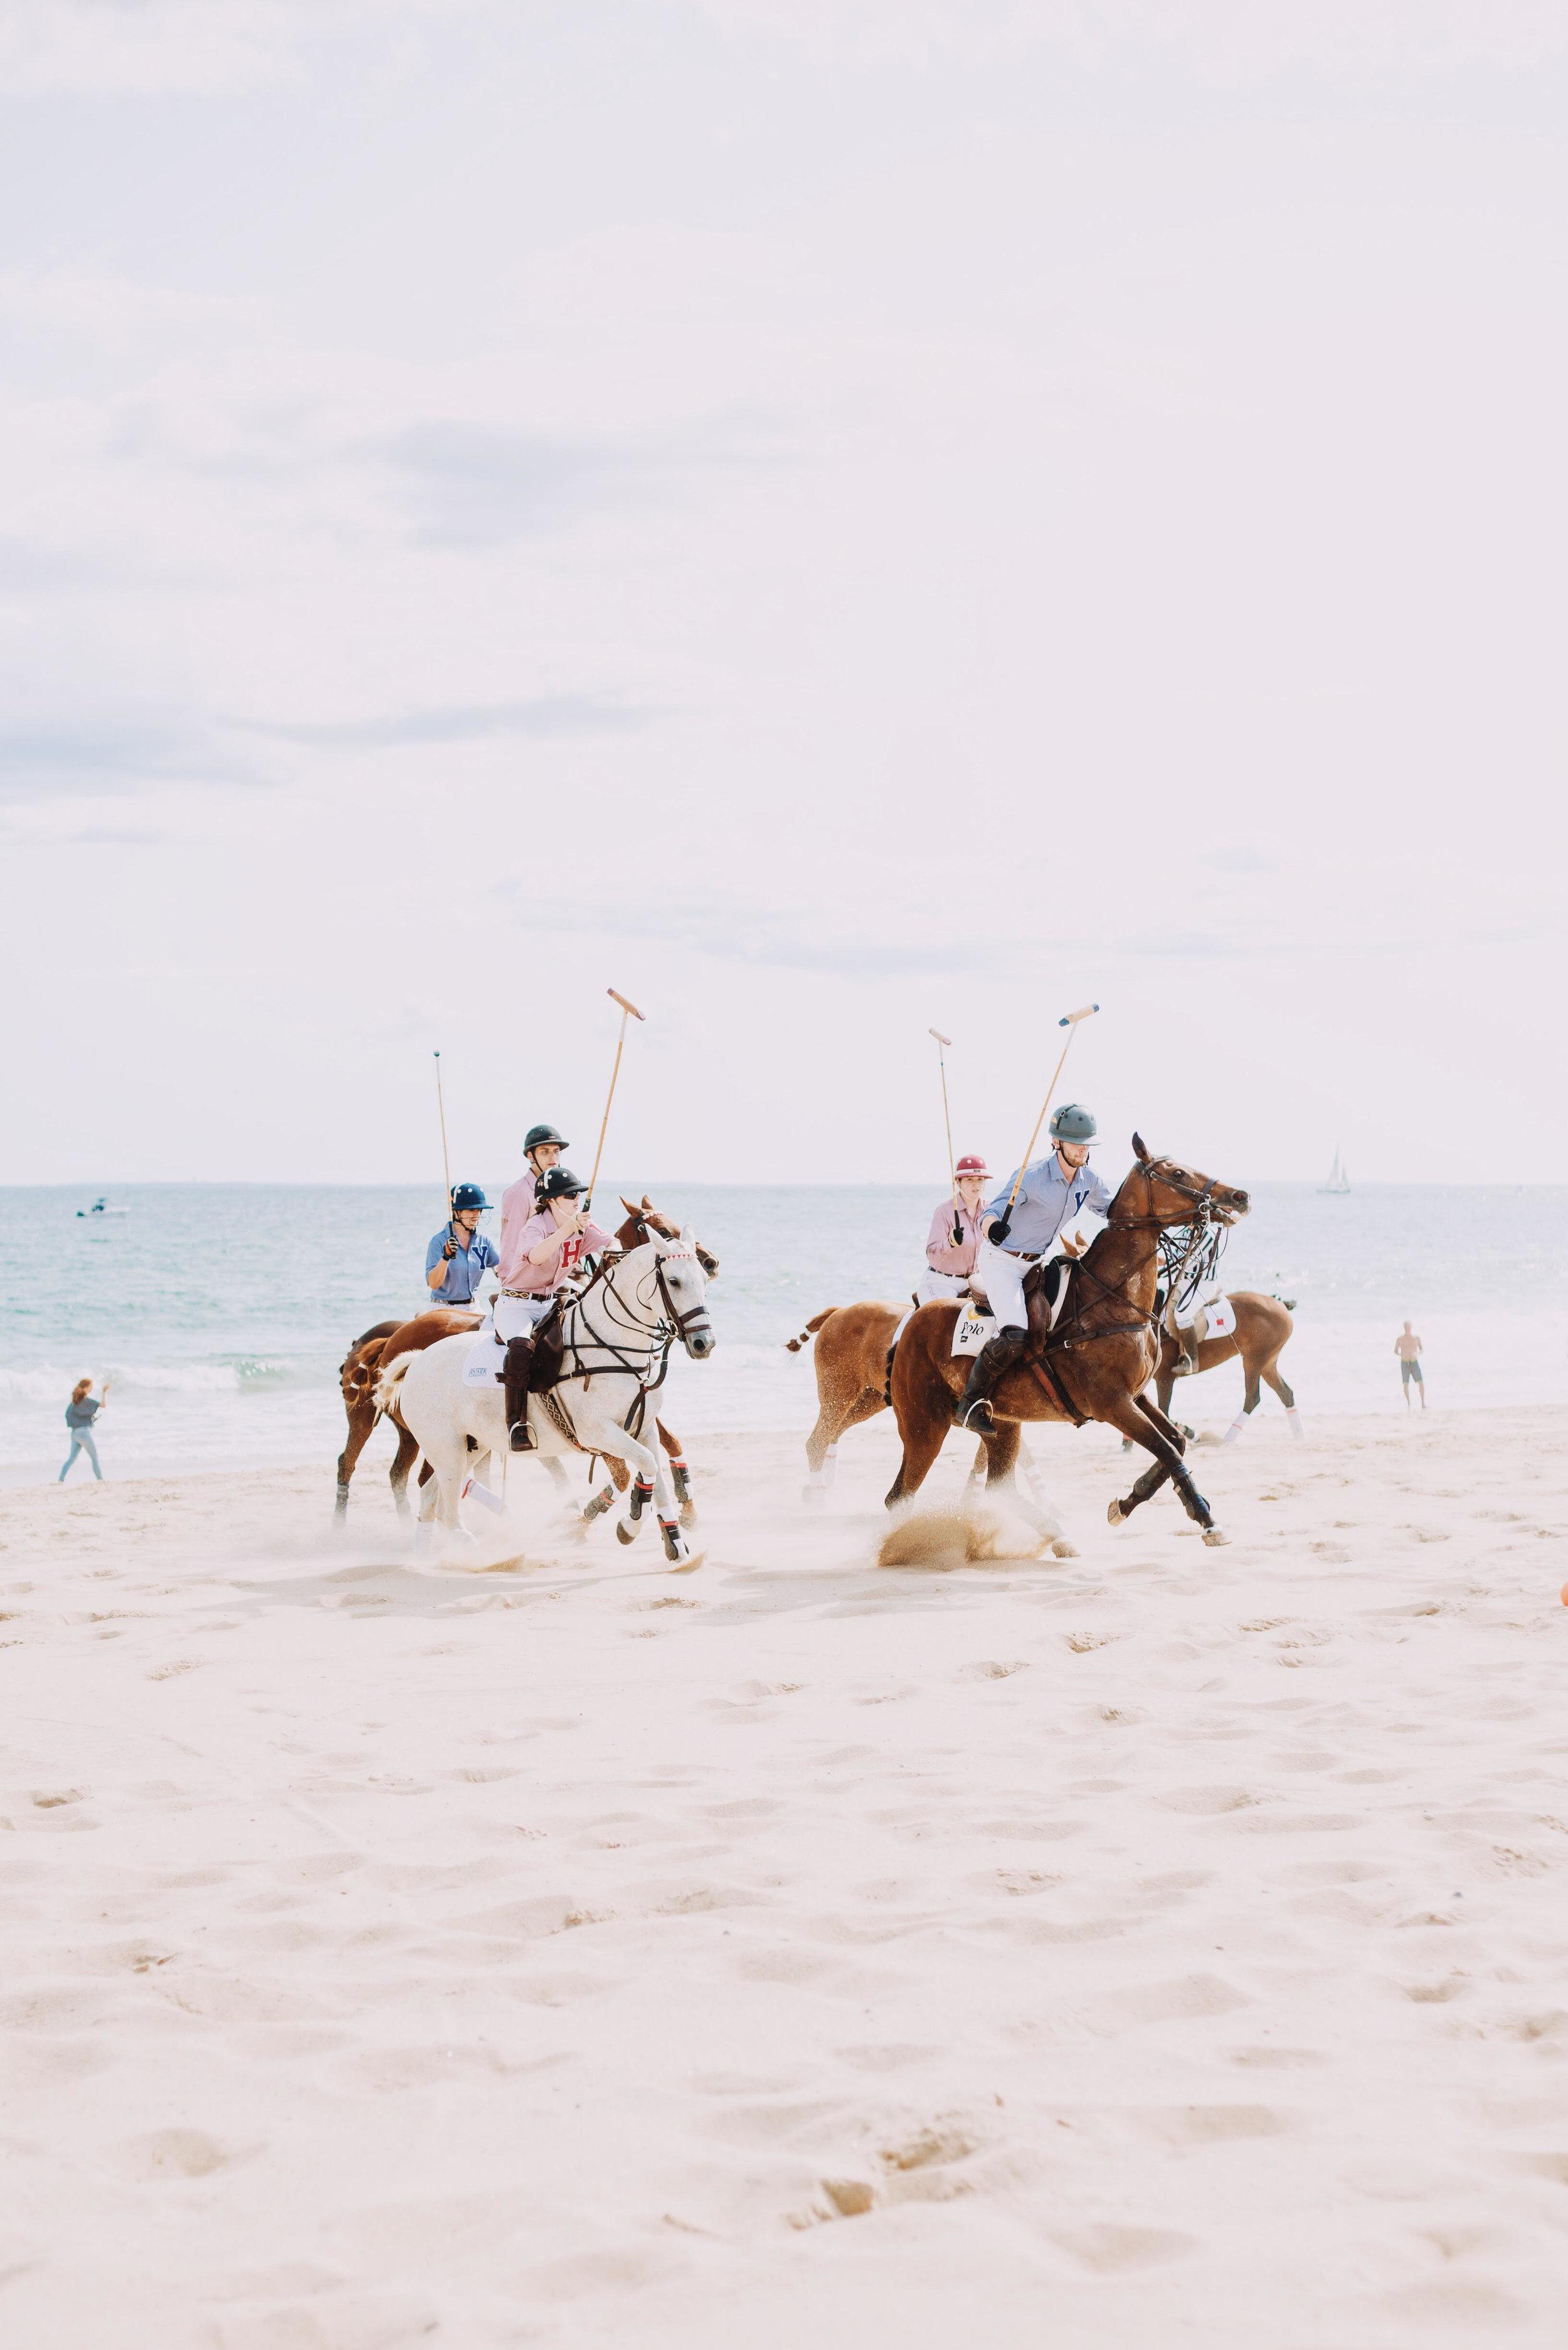 beach_polo_classic.jpg